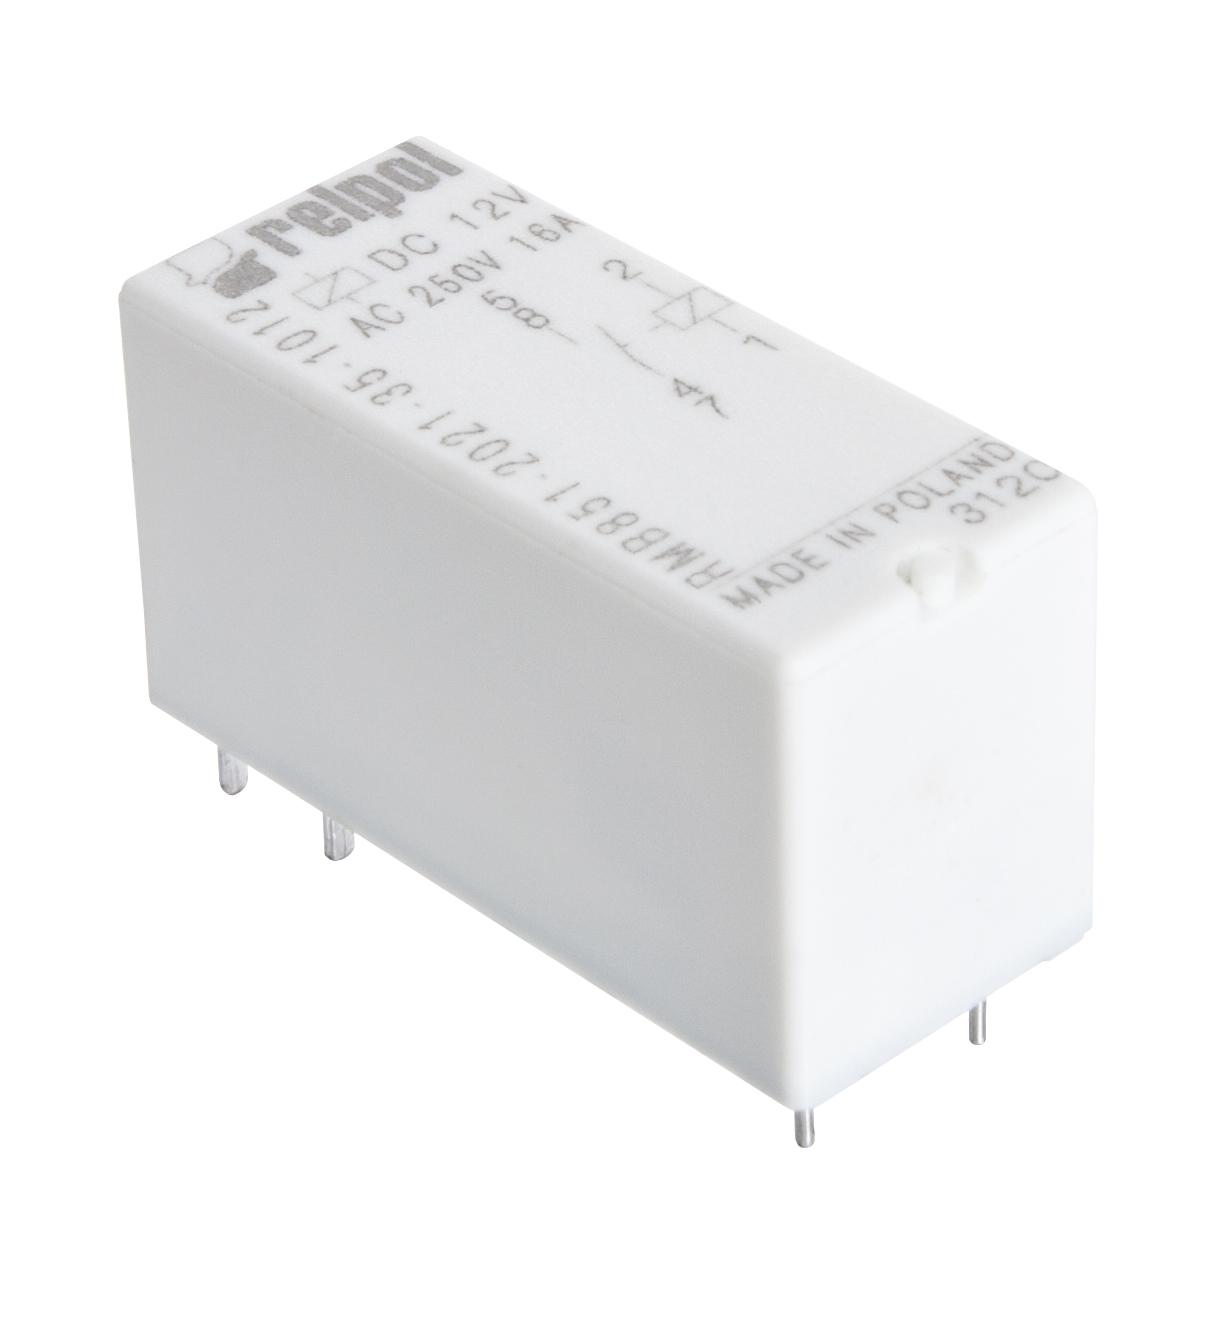 Miniaturowy przekaźnik bistabilny przekaźniki Relpol RMB851